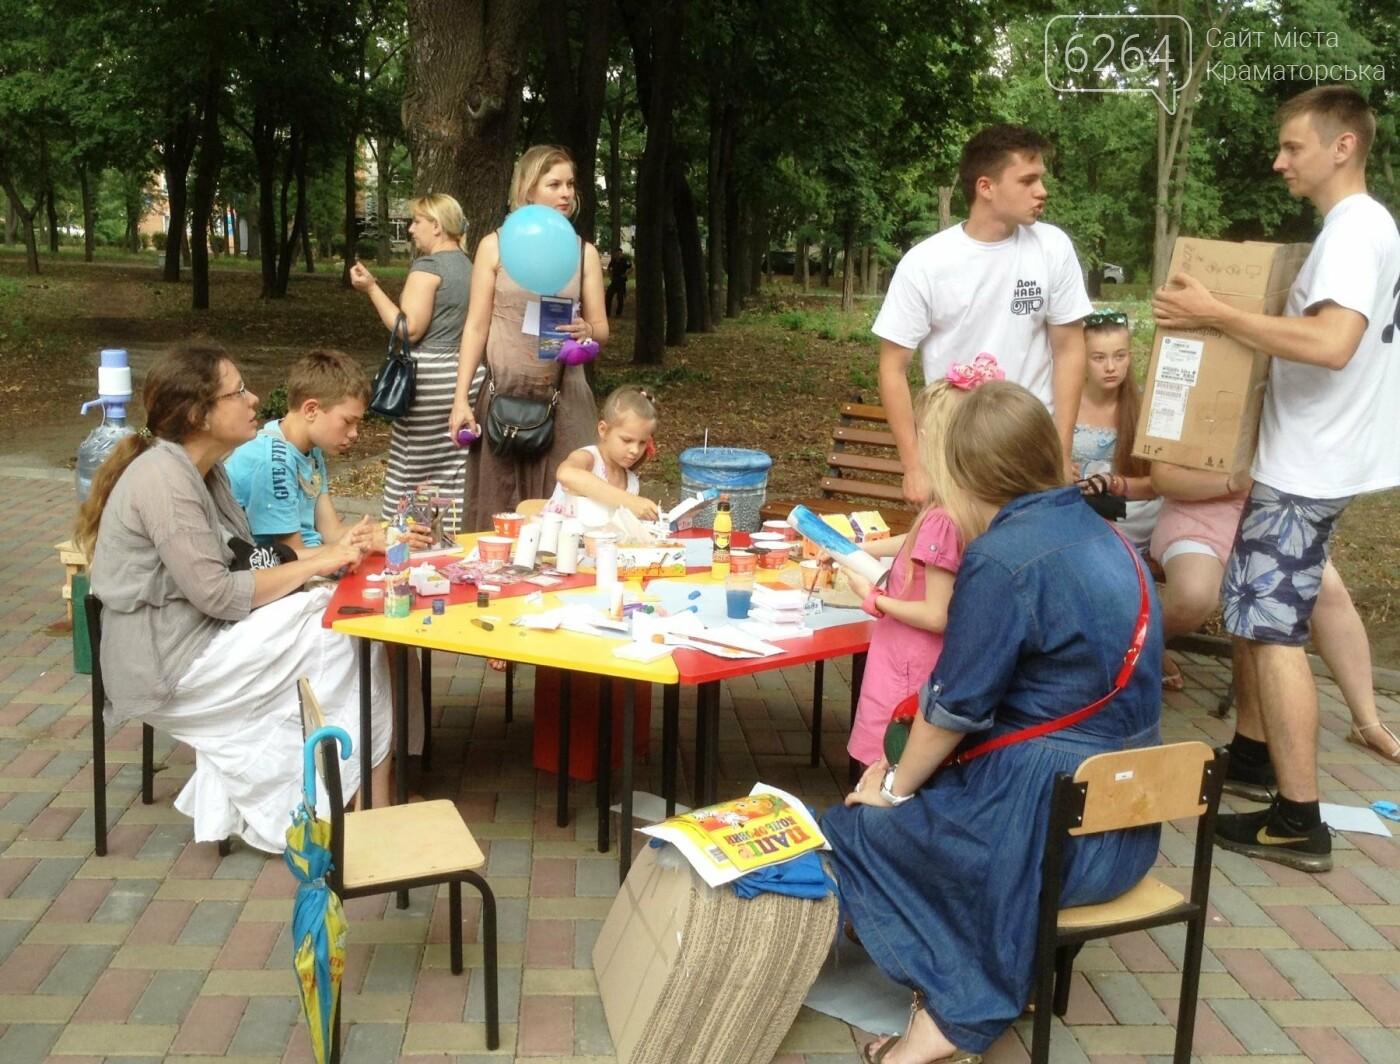 В Краматорске прошел яркий и увлекательный ArchFest, фото-2